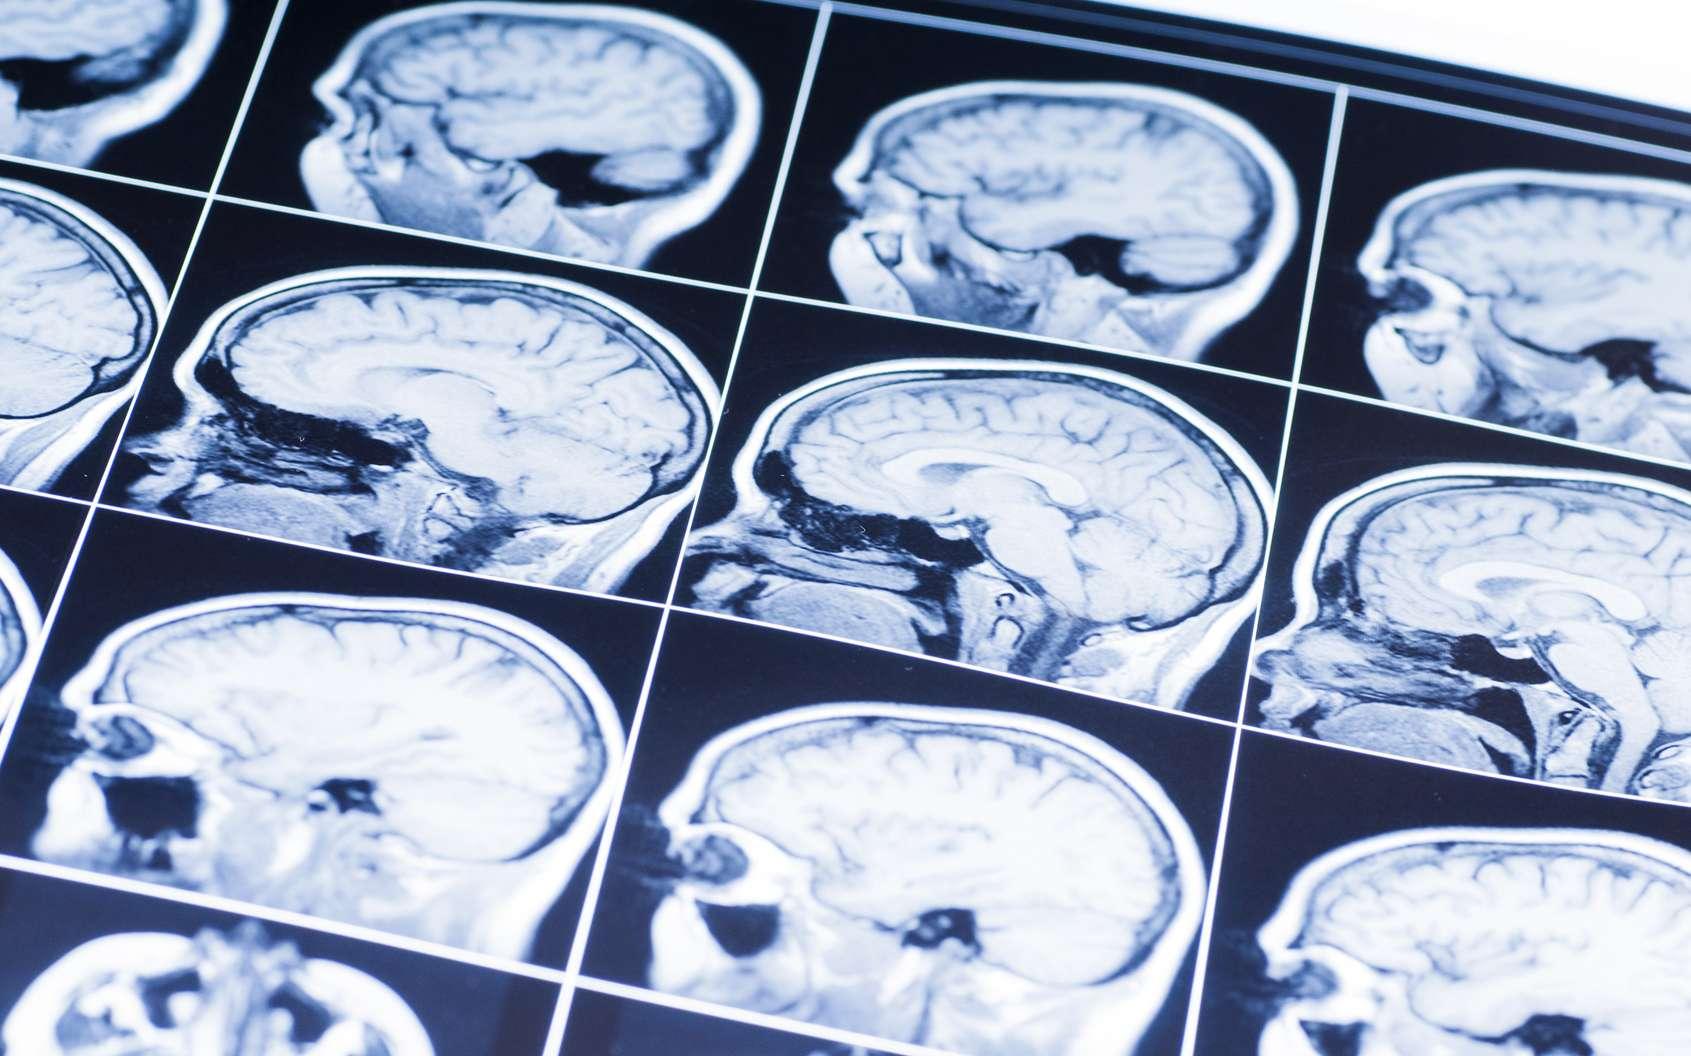 Le diagnostic des tumeurs du cerveau peut être complété ou précisé par l'outil informatique. C'est dans ce but que des chercheurs ont entraîné un ordinateur à reconnaître les tumeurs grâce au machine-learning, ou apprentissage automatique. © Сергей Лабутин/Fotolia